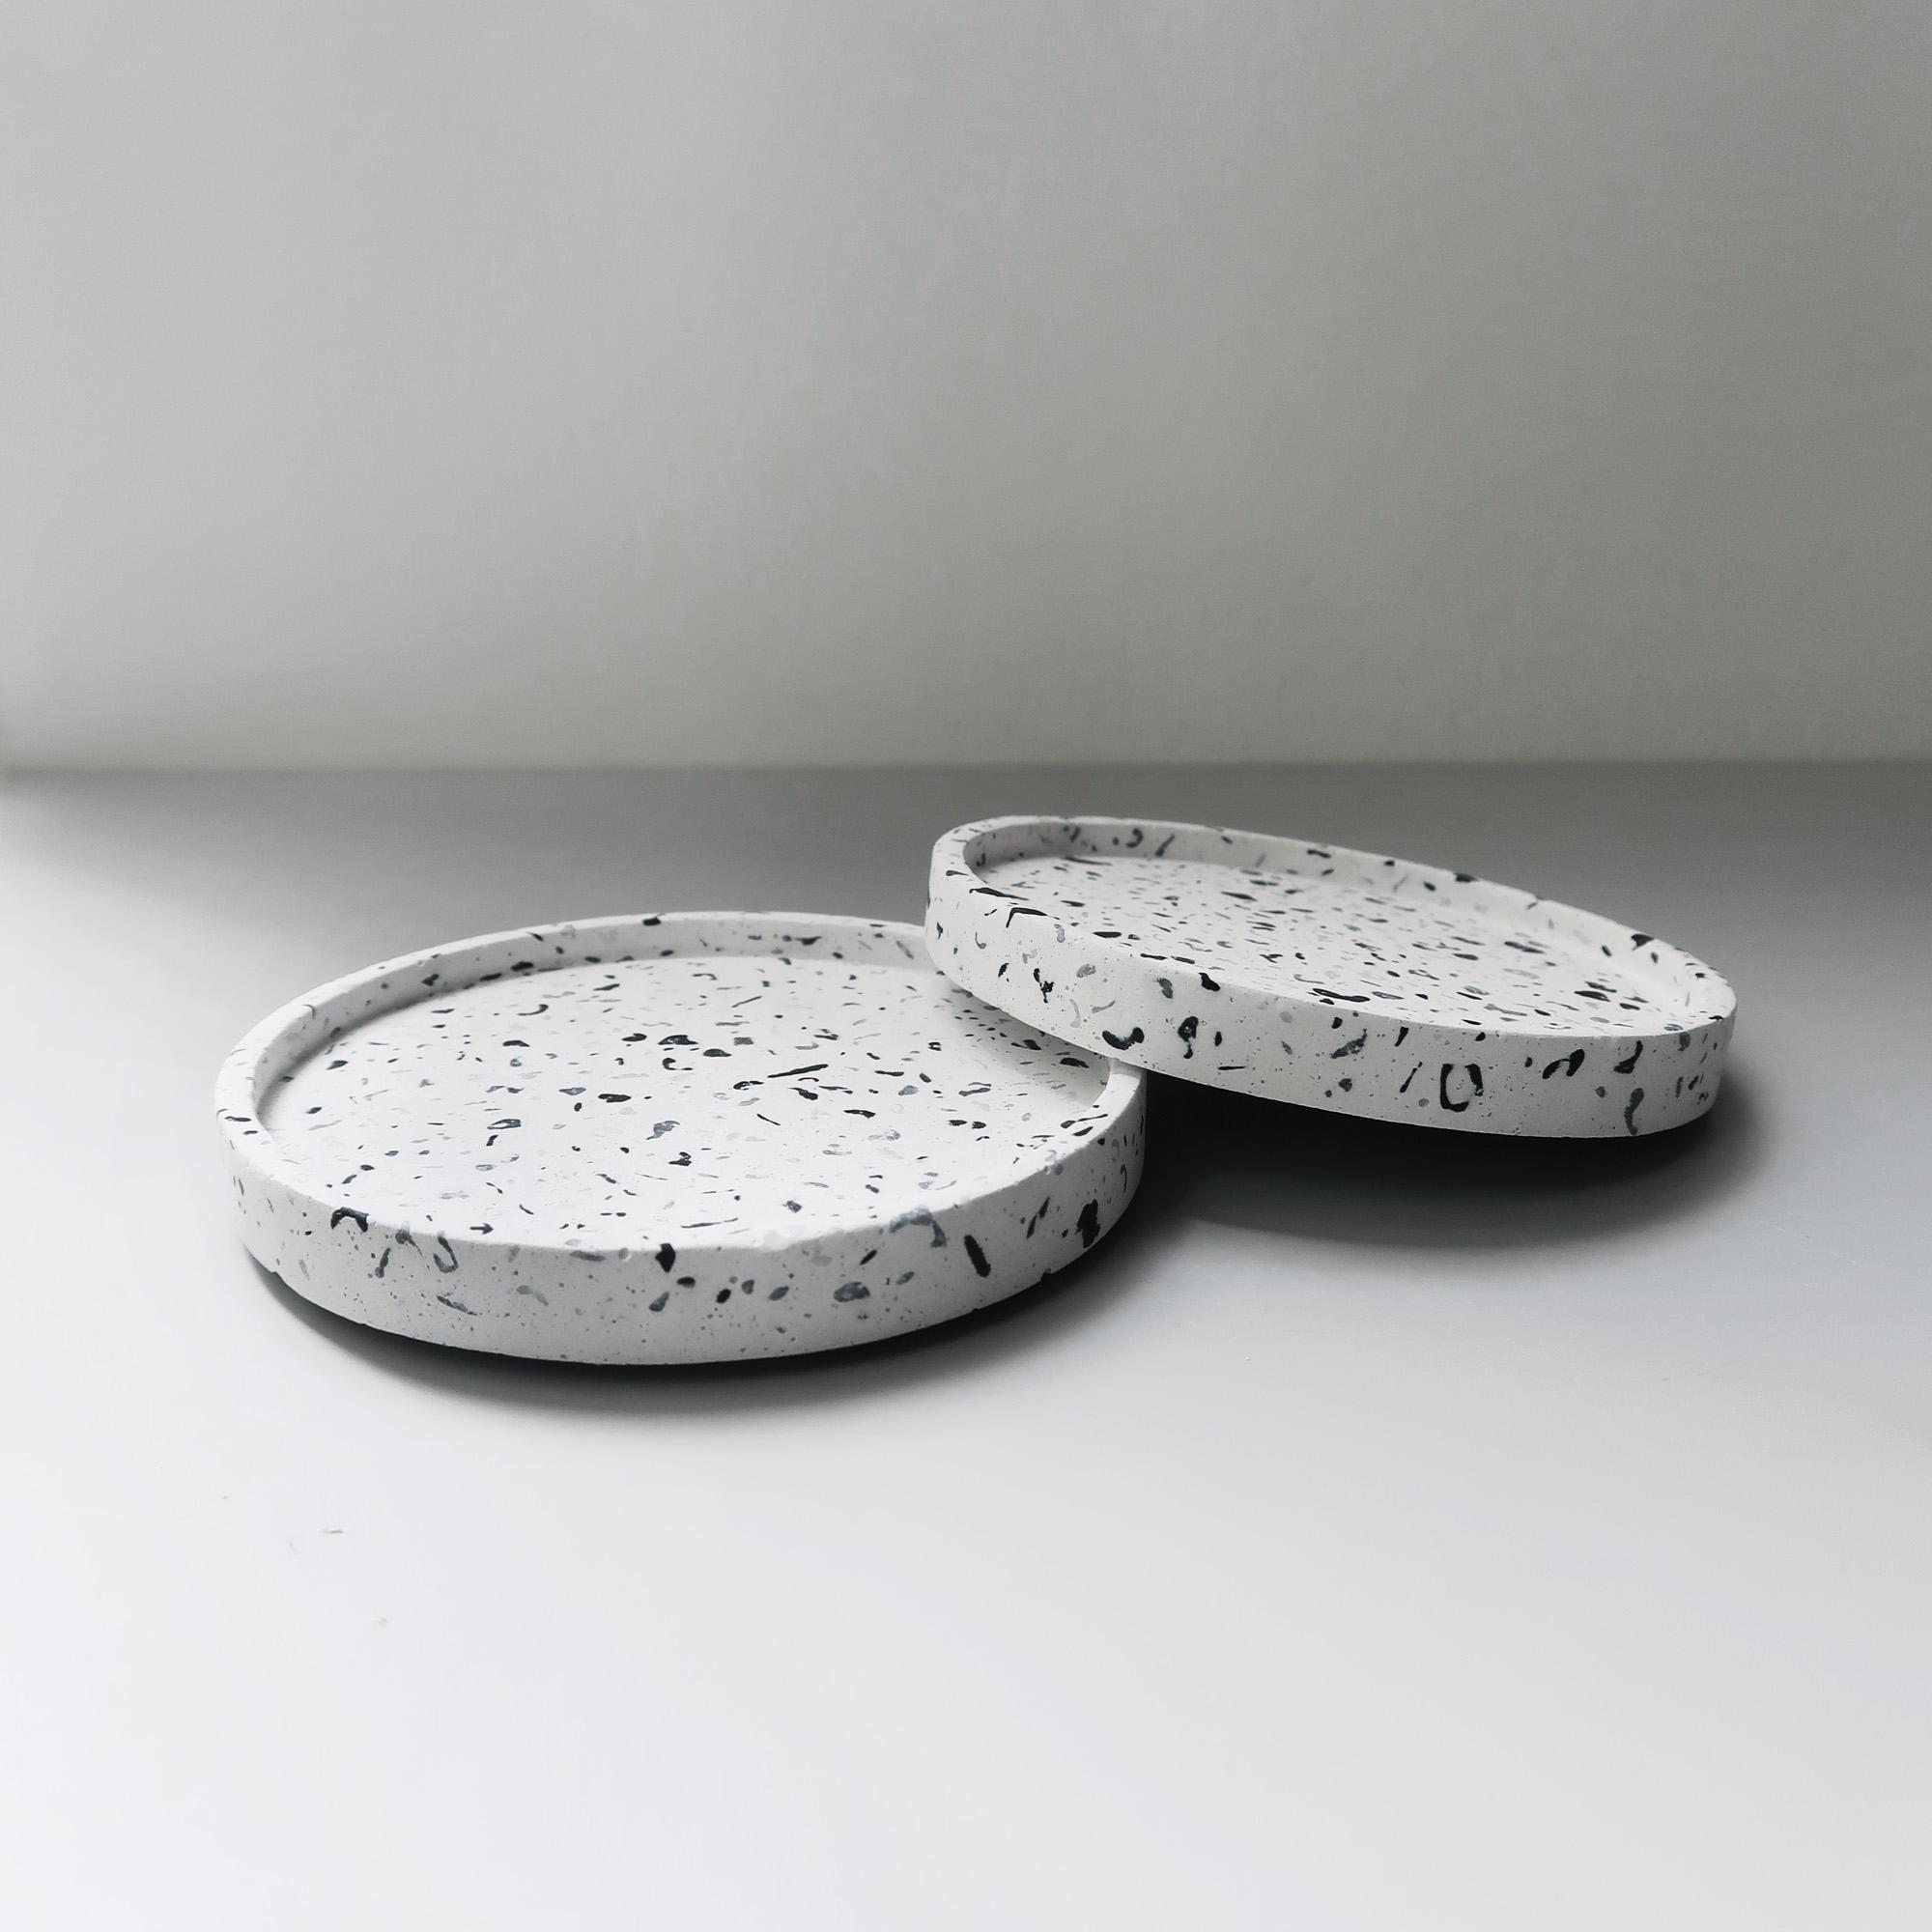 TERRAZZO 磨石子經典黑白水泥杯墊・飾盤・禮物